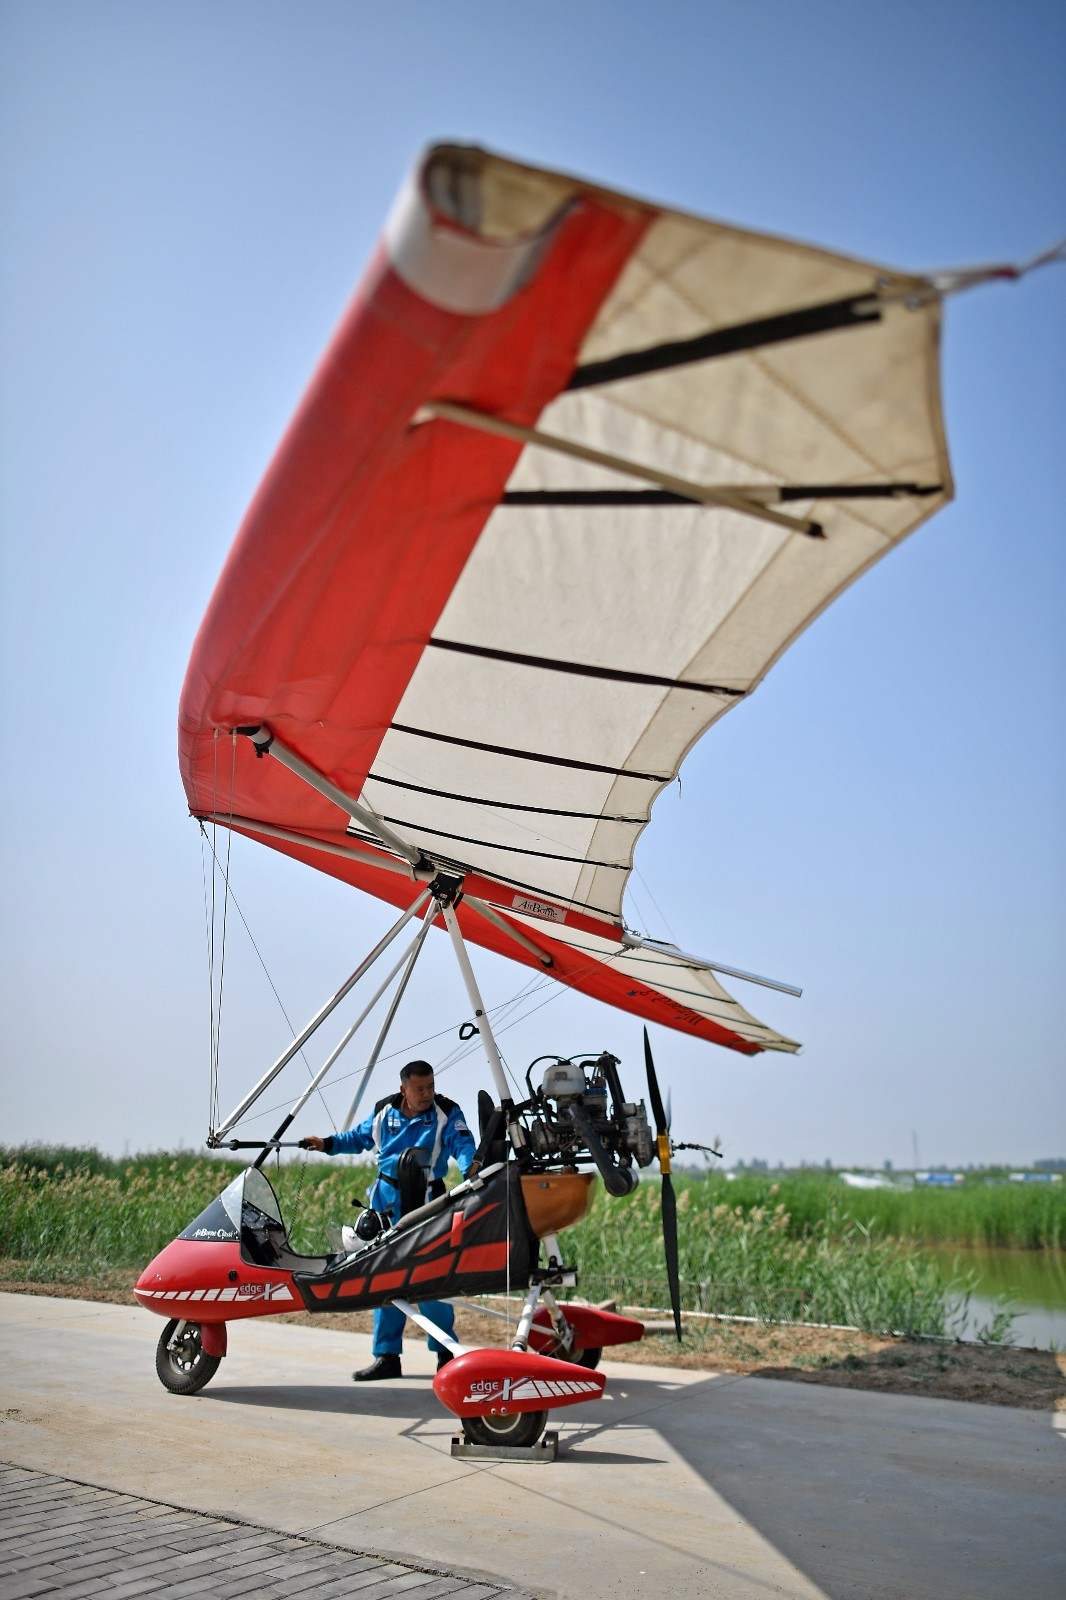 """刘亦兵在飞行前对动力三角翼飞机进行检查(6月21日摄)。 46岁的刘亦兵是银川市贺兰县一处飞行营地的动力悬挂滑翔飞行教练。17岁初中毕业在家务农的刘亦兵偶然看到一本飞行杂志,萌发了自制飞机的念头。多年间,刘亦兵对飞机制造方法不断摸索,自学相关航空知识,终于在1996年,第一次驾驶自制飞机飞上蓝天。  之后他考取了动力三角翼飞行执照,在亲友的帮助下购买了二手动力伞和动力三角翼,并进行了很多商业尝试。在航空运动方面,刘亦兵多次在飞行比赛中获奖,还被选为中国航空运动协会飞行队队员,考取了动力悬挂滑翔飞行教练执照。 2010年,刘亦兵在宁夏贺兰县承租了一块土地,成立航空俱乐部,建造了停机库及跑道。刘亦兵说,""""我从一个啥都不懂的农民,到自己制造和驾驶飞机,并成为一名飞行教练,过程非常艰难。我希望我的经历能激励航空爱好者和推动航空运动的发展,促进更多人了解航空知识""""。新华社记者 王鹏 摄"""